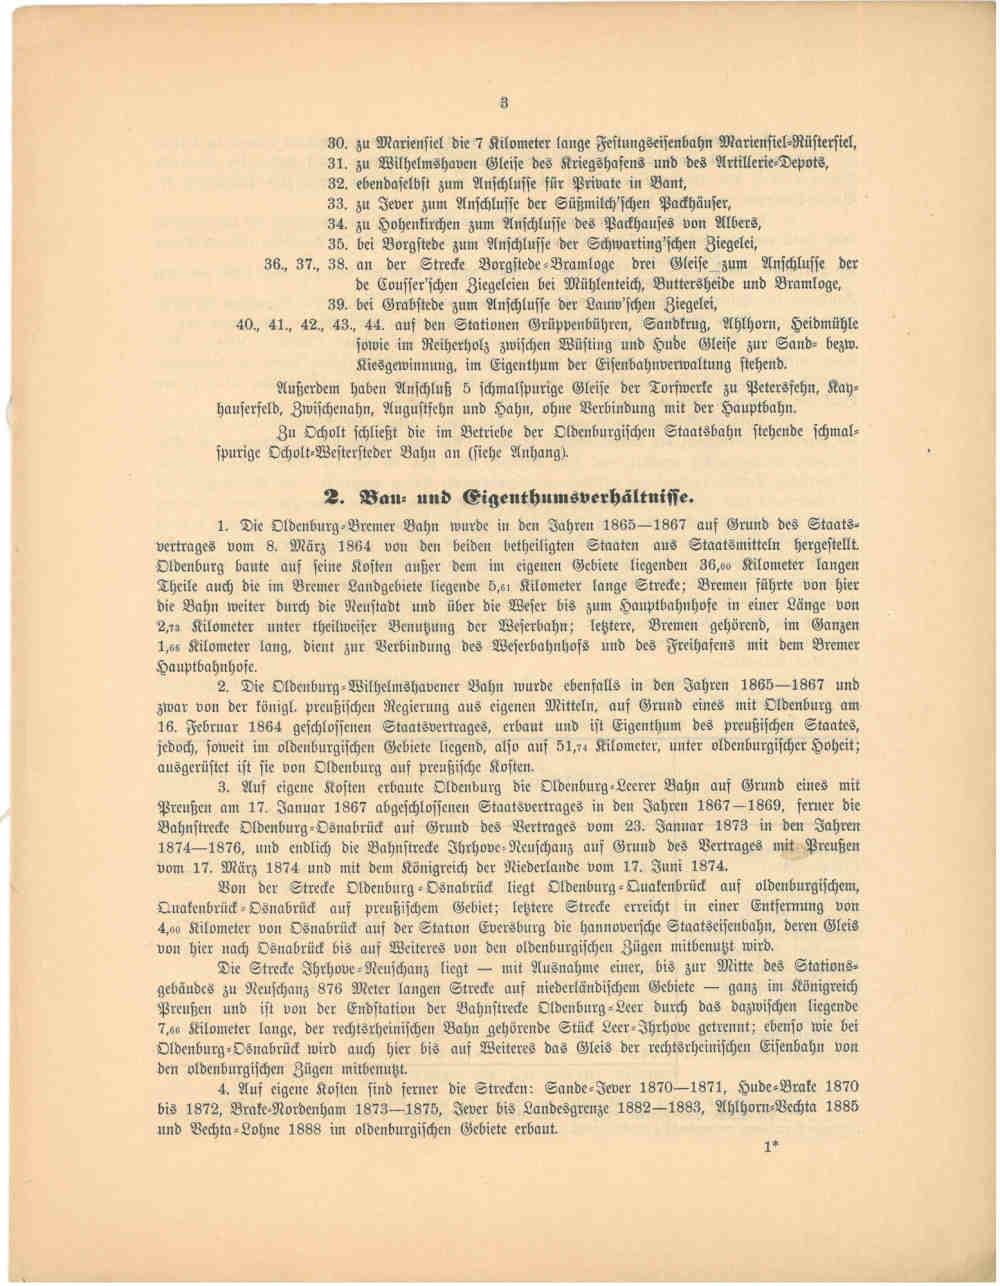 1893 - Jahresbericht Seite 3, Übersicht über die oldenburgischen Strecken